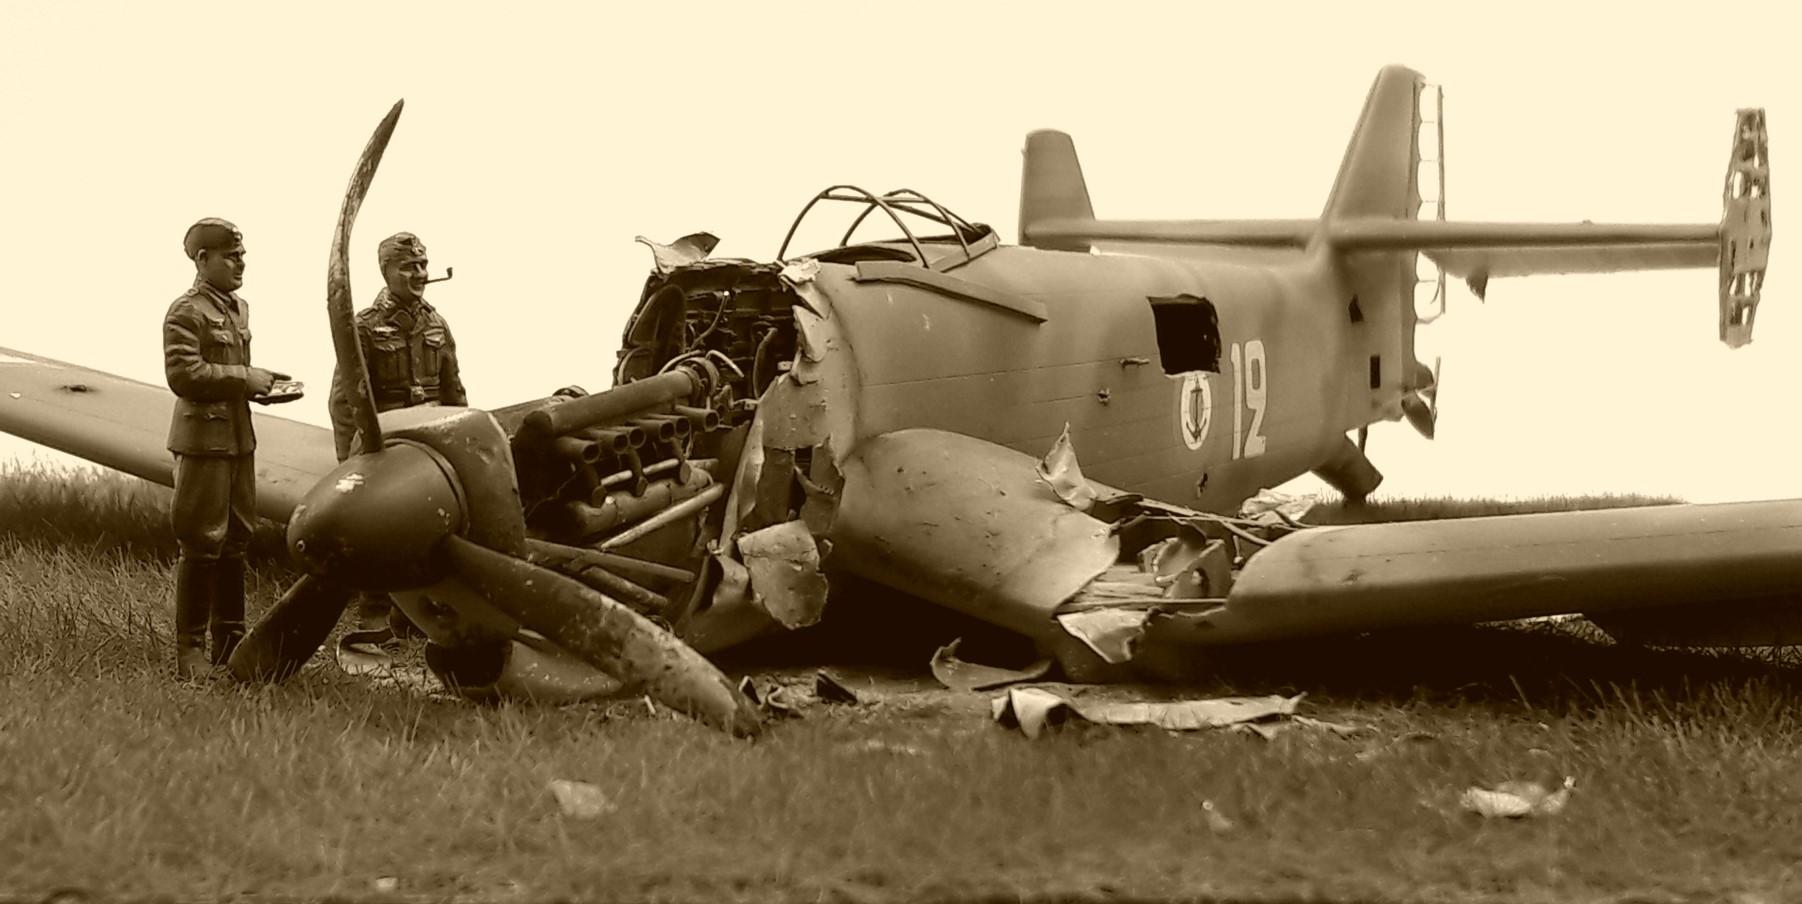 [Concours Aéronavale] Loire Nieuport 401/411 -  Special hobby 1/48 - crash à Villereau -le sacrifice des marins aviateurs du 19 mai 1940 - Mission Berlaimont  Image498